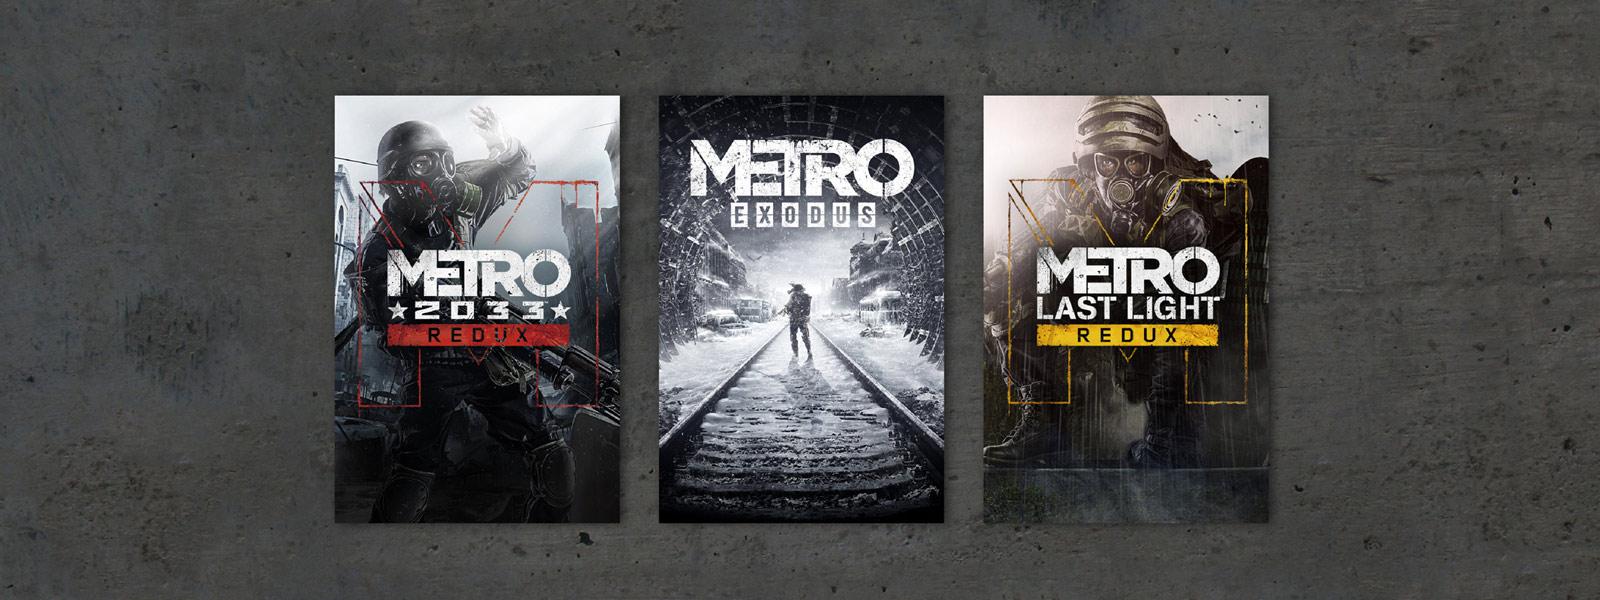 Cajas de Metro Exodus, Metro 2033 y Metro Last Light Redux sobre un fondo gris texturizado